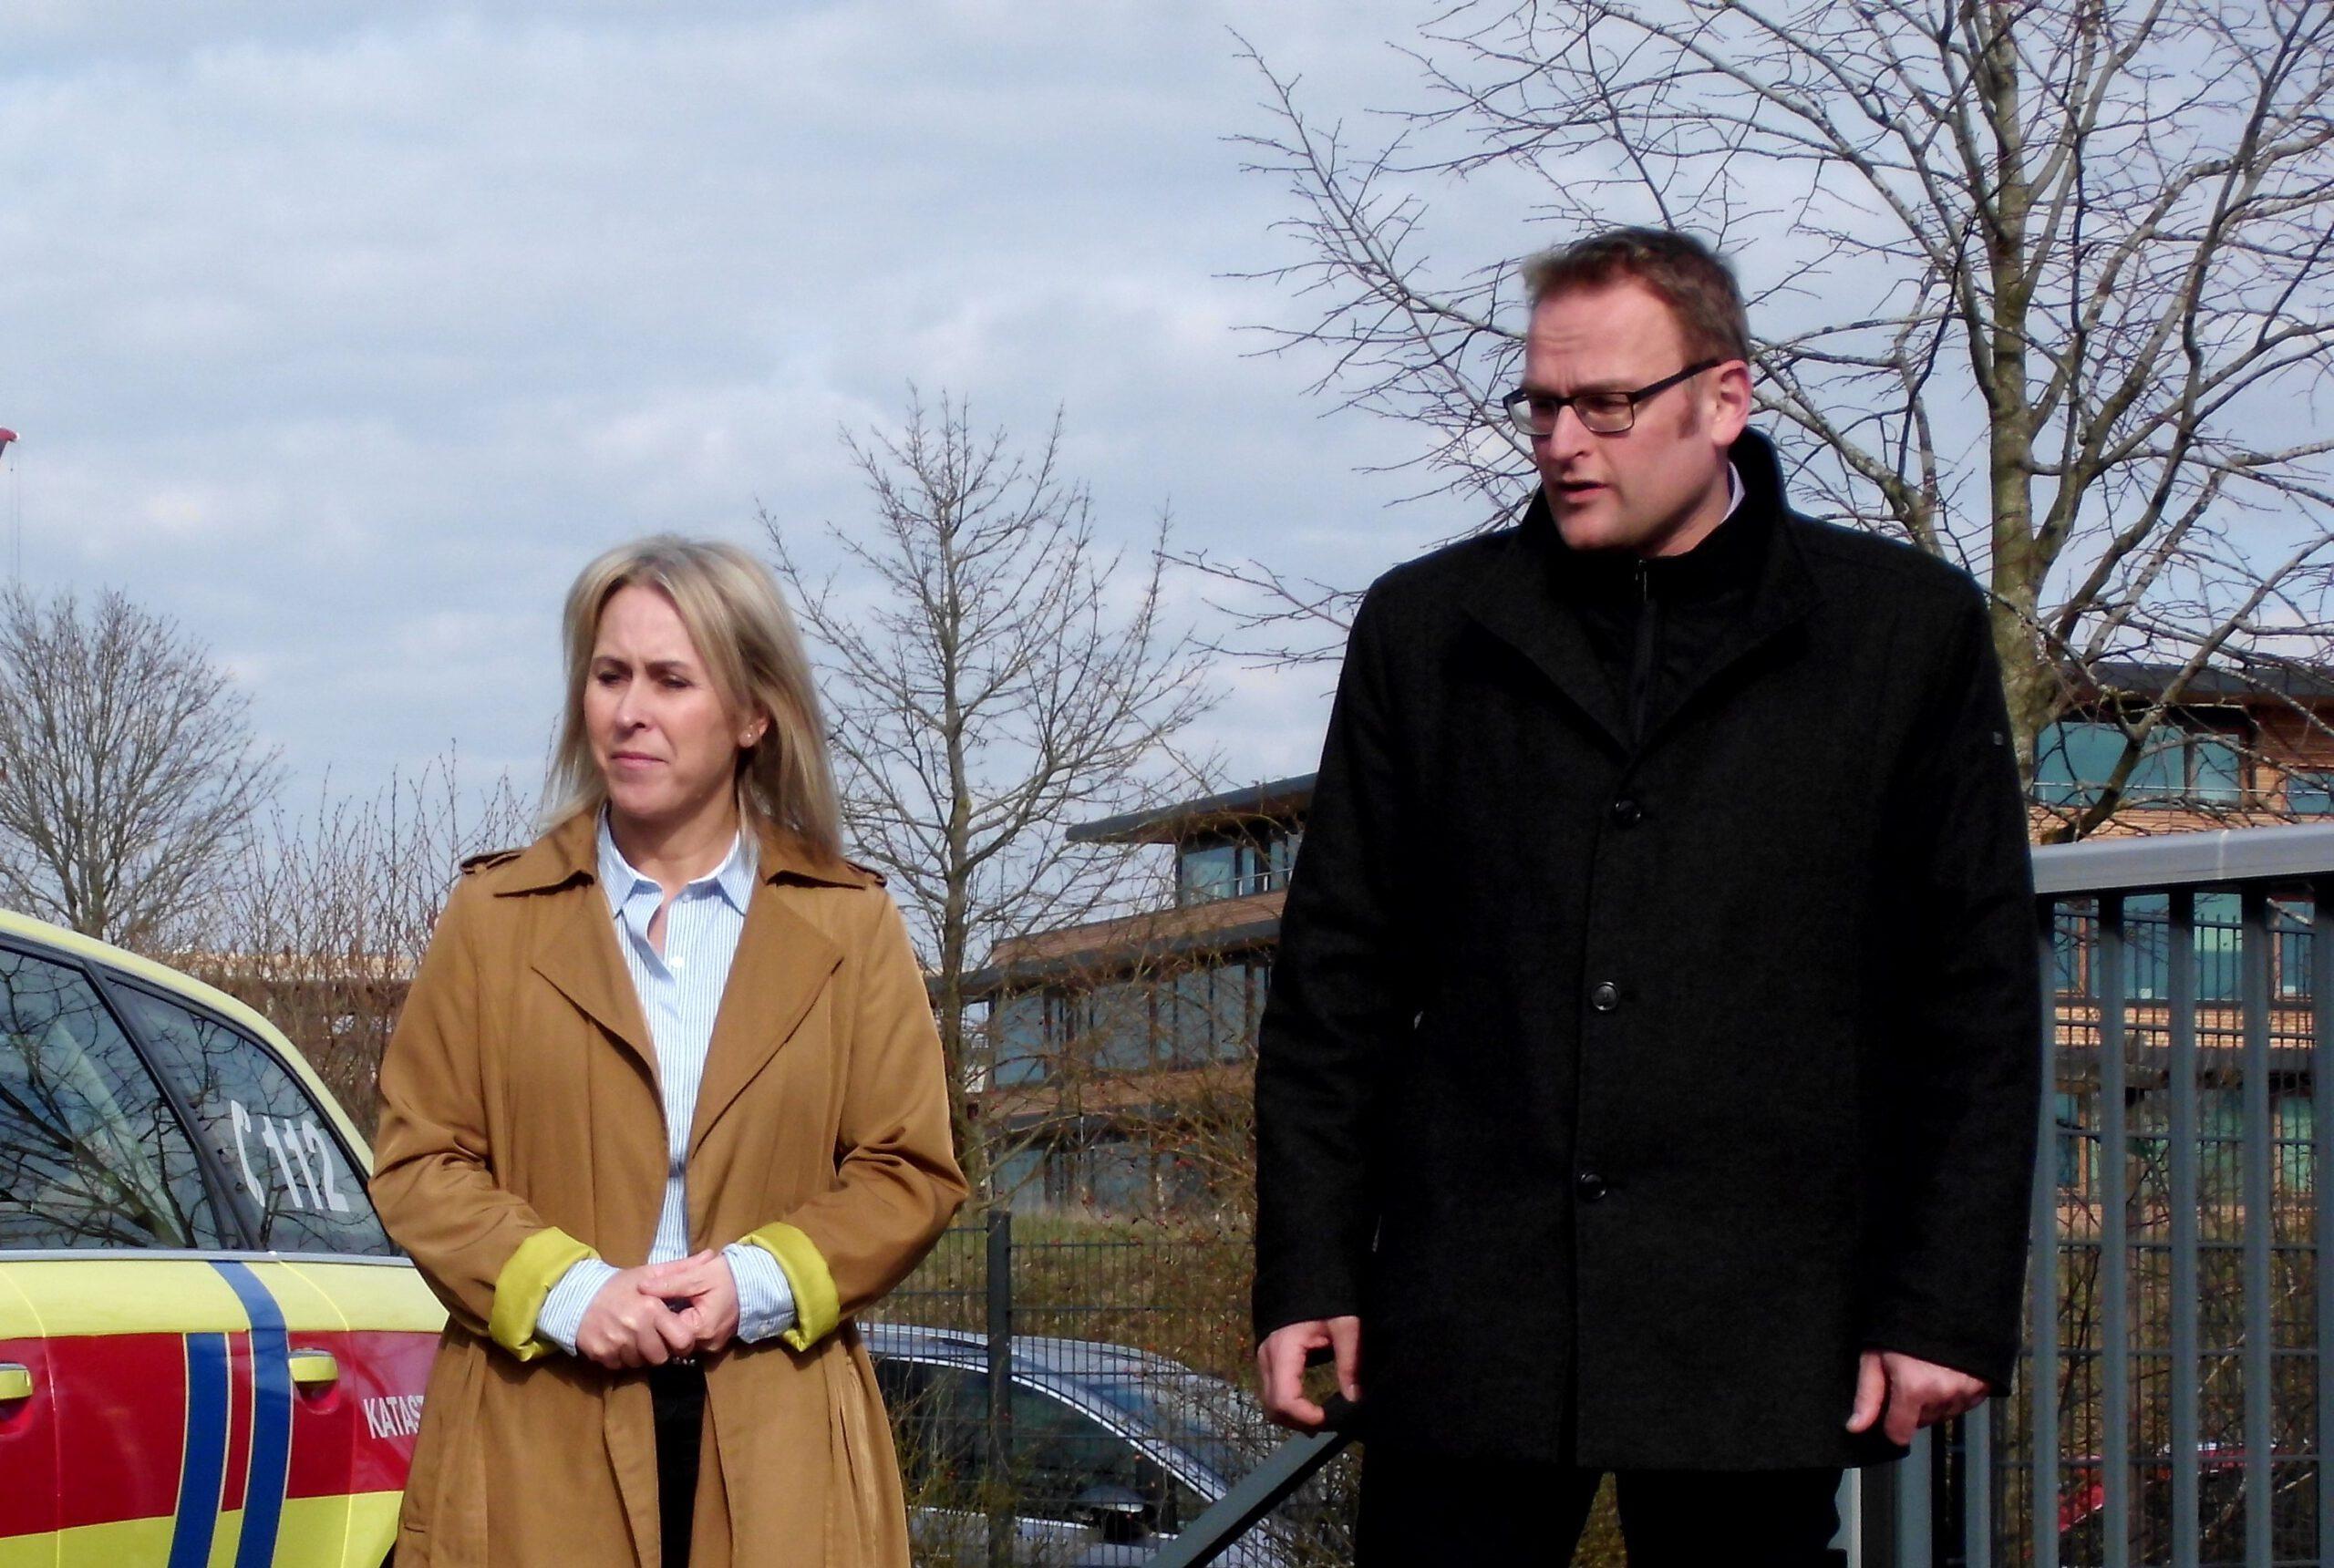 Landkreis Südwestpfalz:Pandemiegeschehen erfordert differenzierte Reaktion